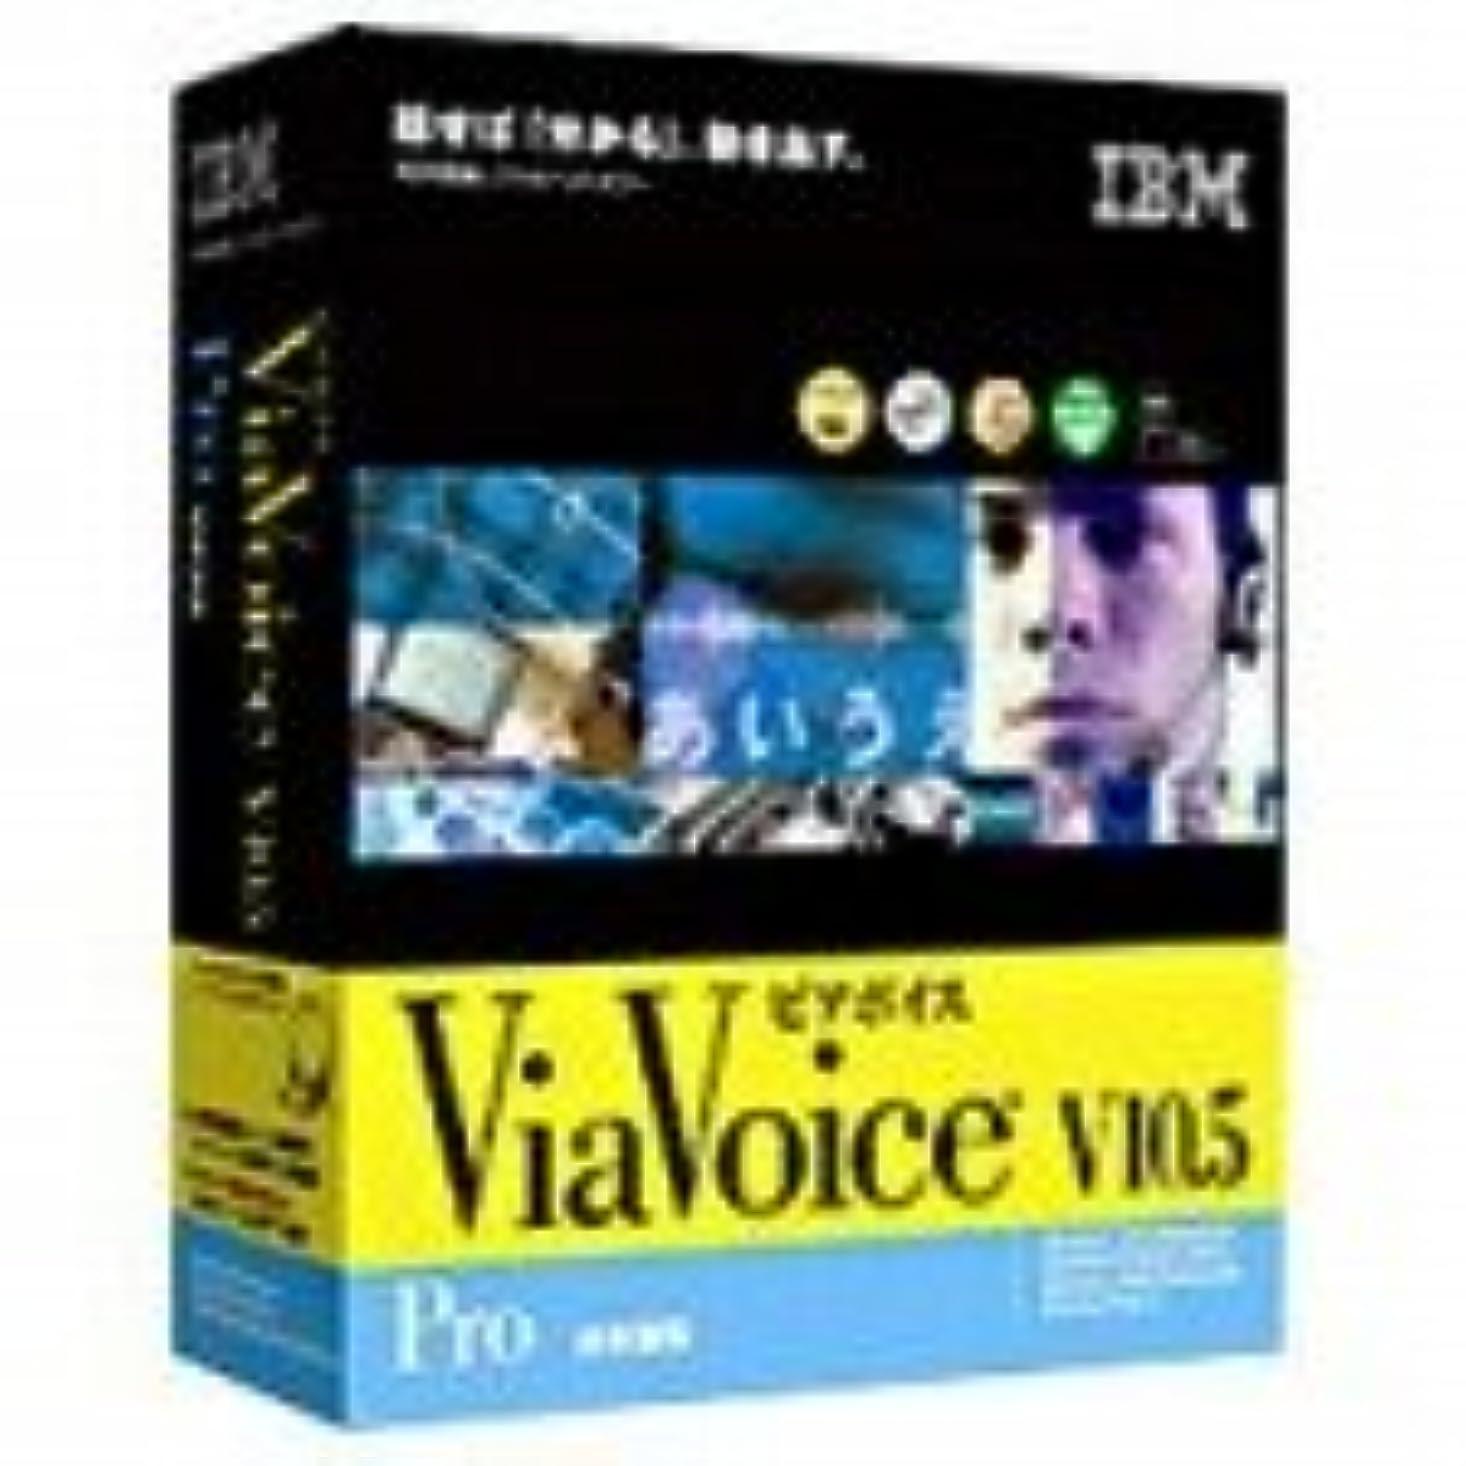 かご作物失敗ViaVoice for Windows V10.5 Pro 日本語版